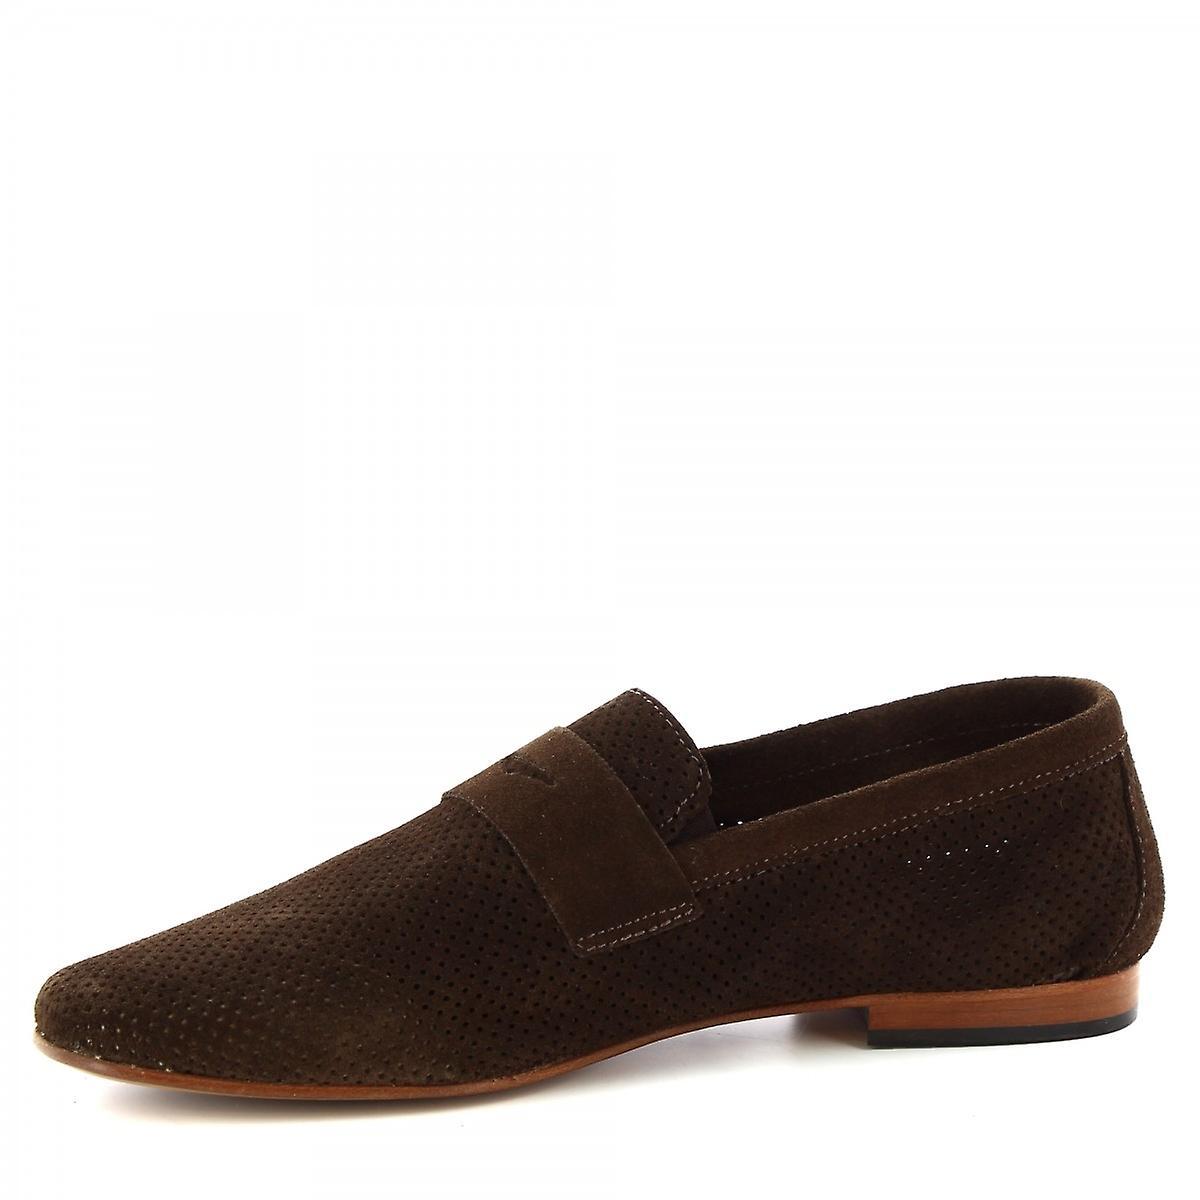 Leonardo Shoes Men's Handmade Loafers Dark Brown Openwork Suede Leather